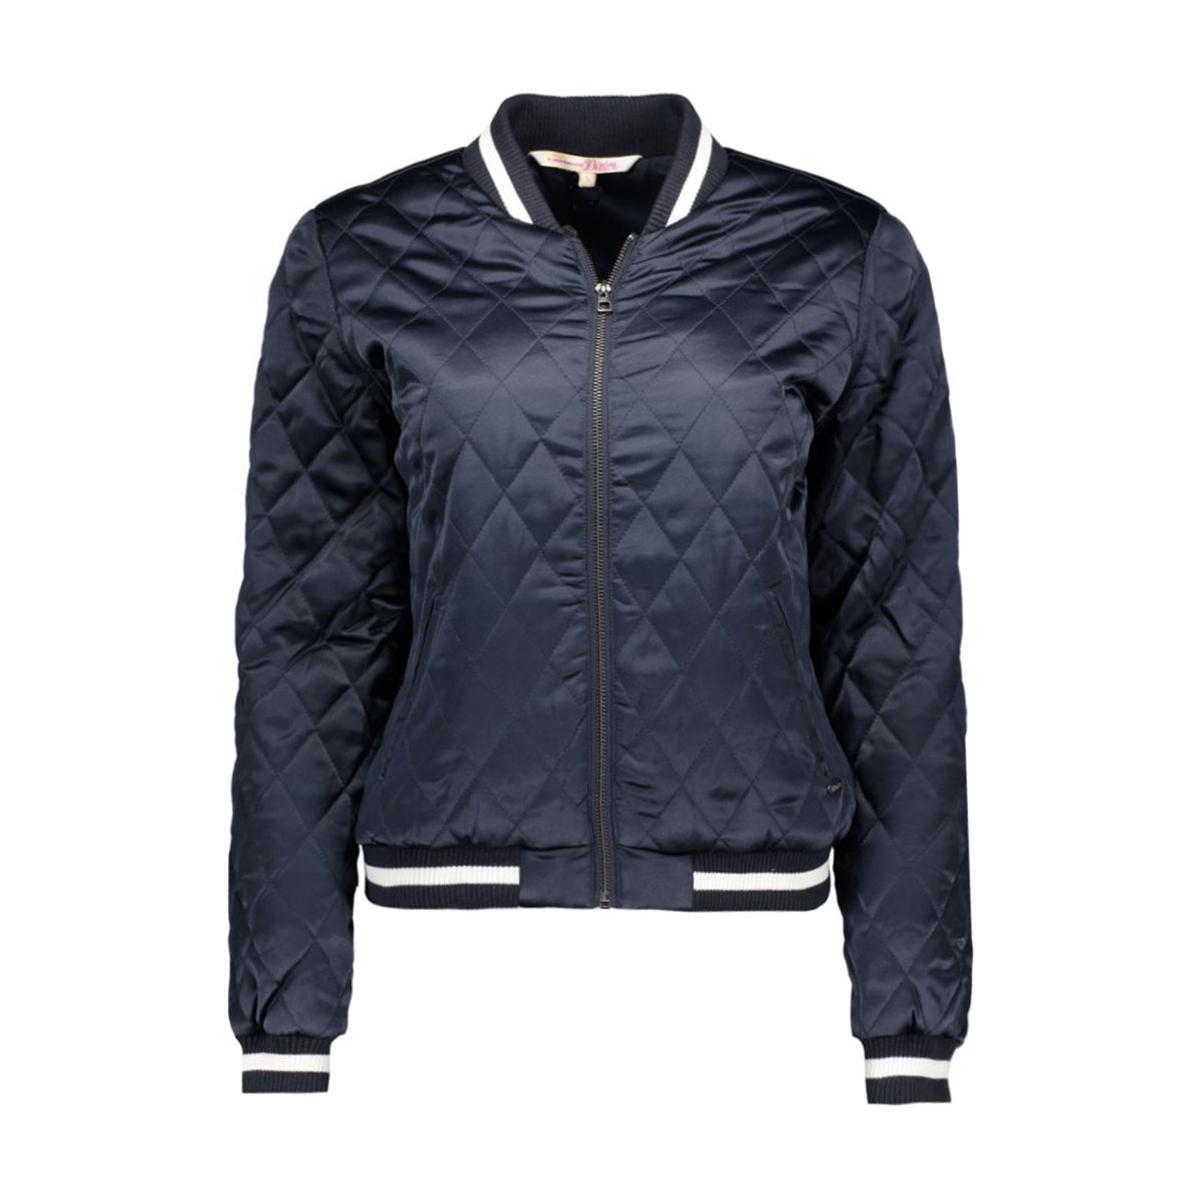 3532977.00.71 tom tailor jas 6901